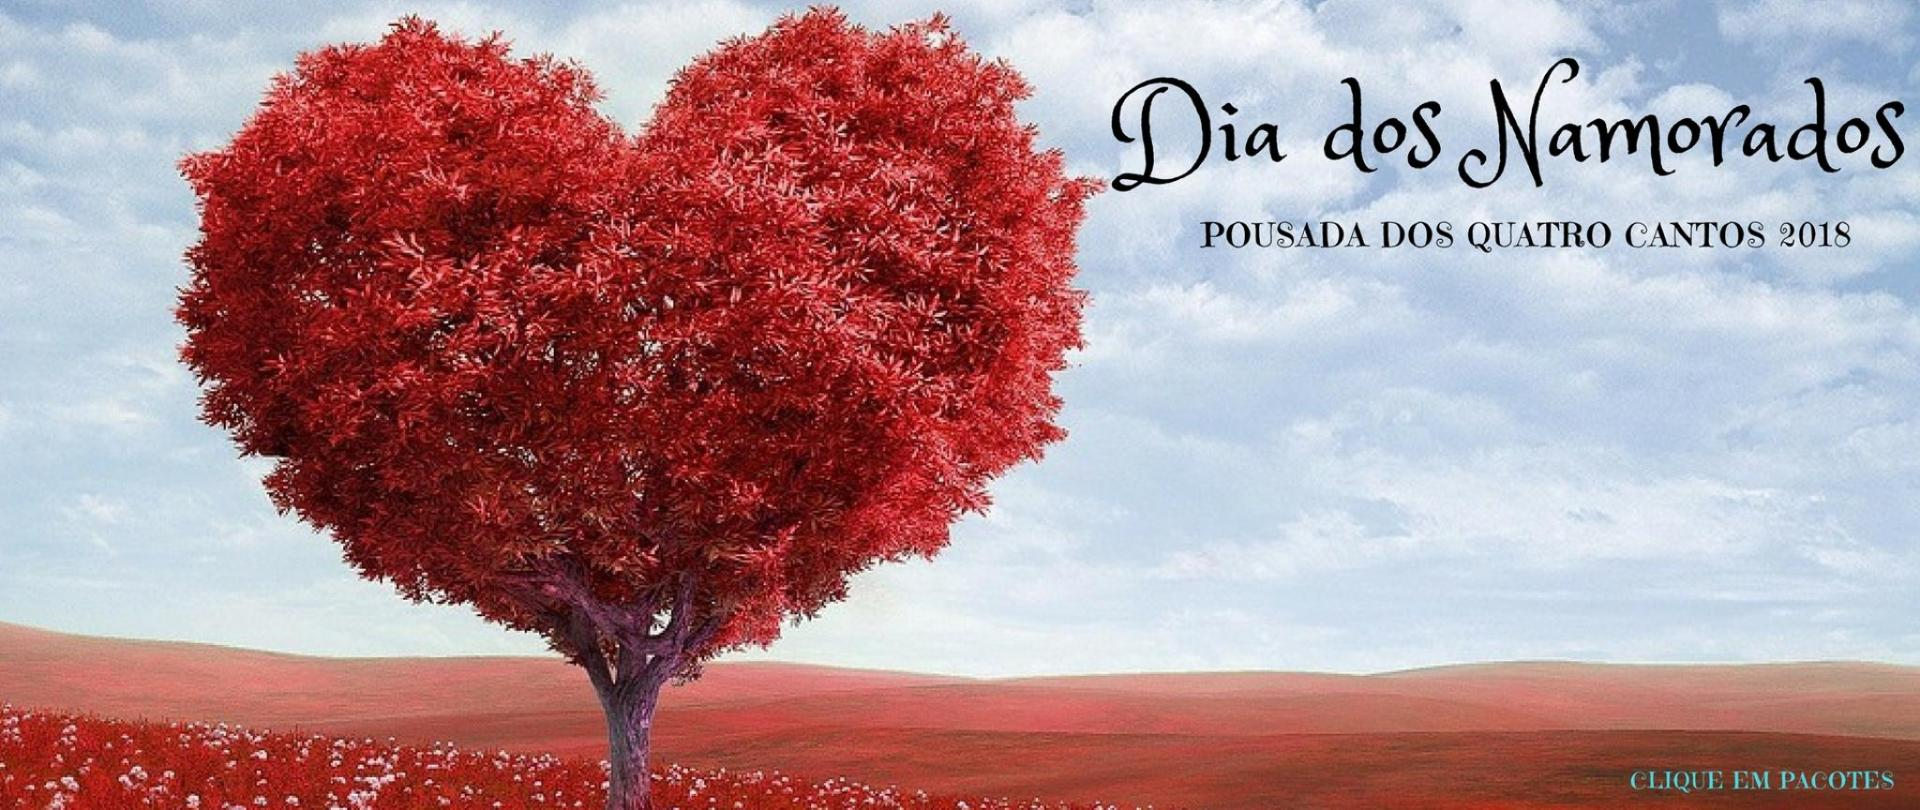 Dia dos Namorados SITE JPG.jpg